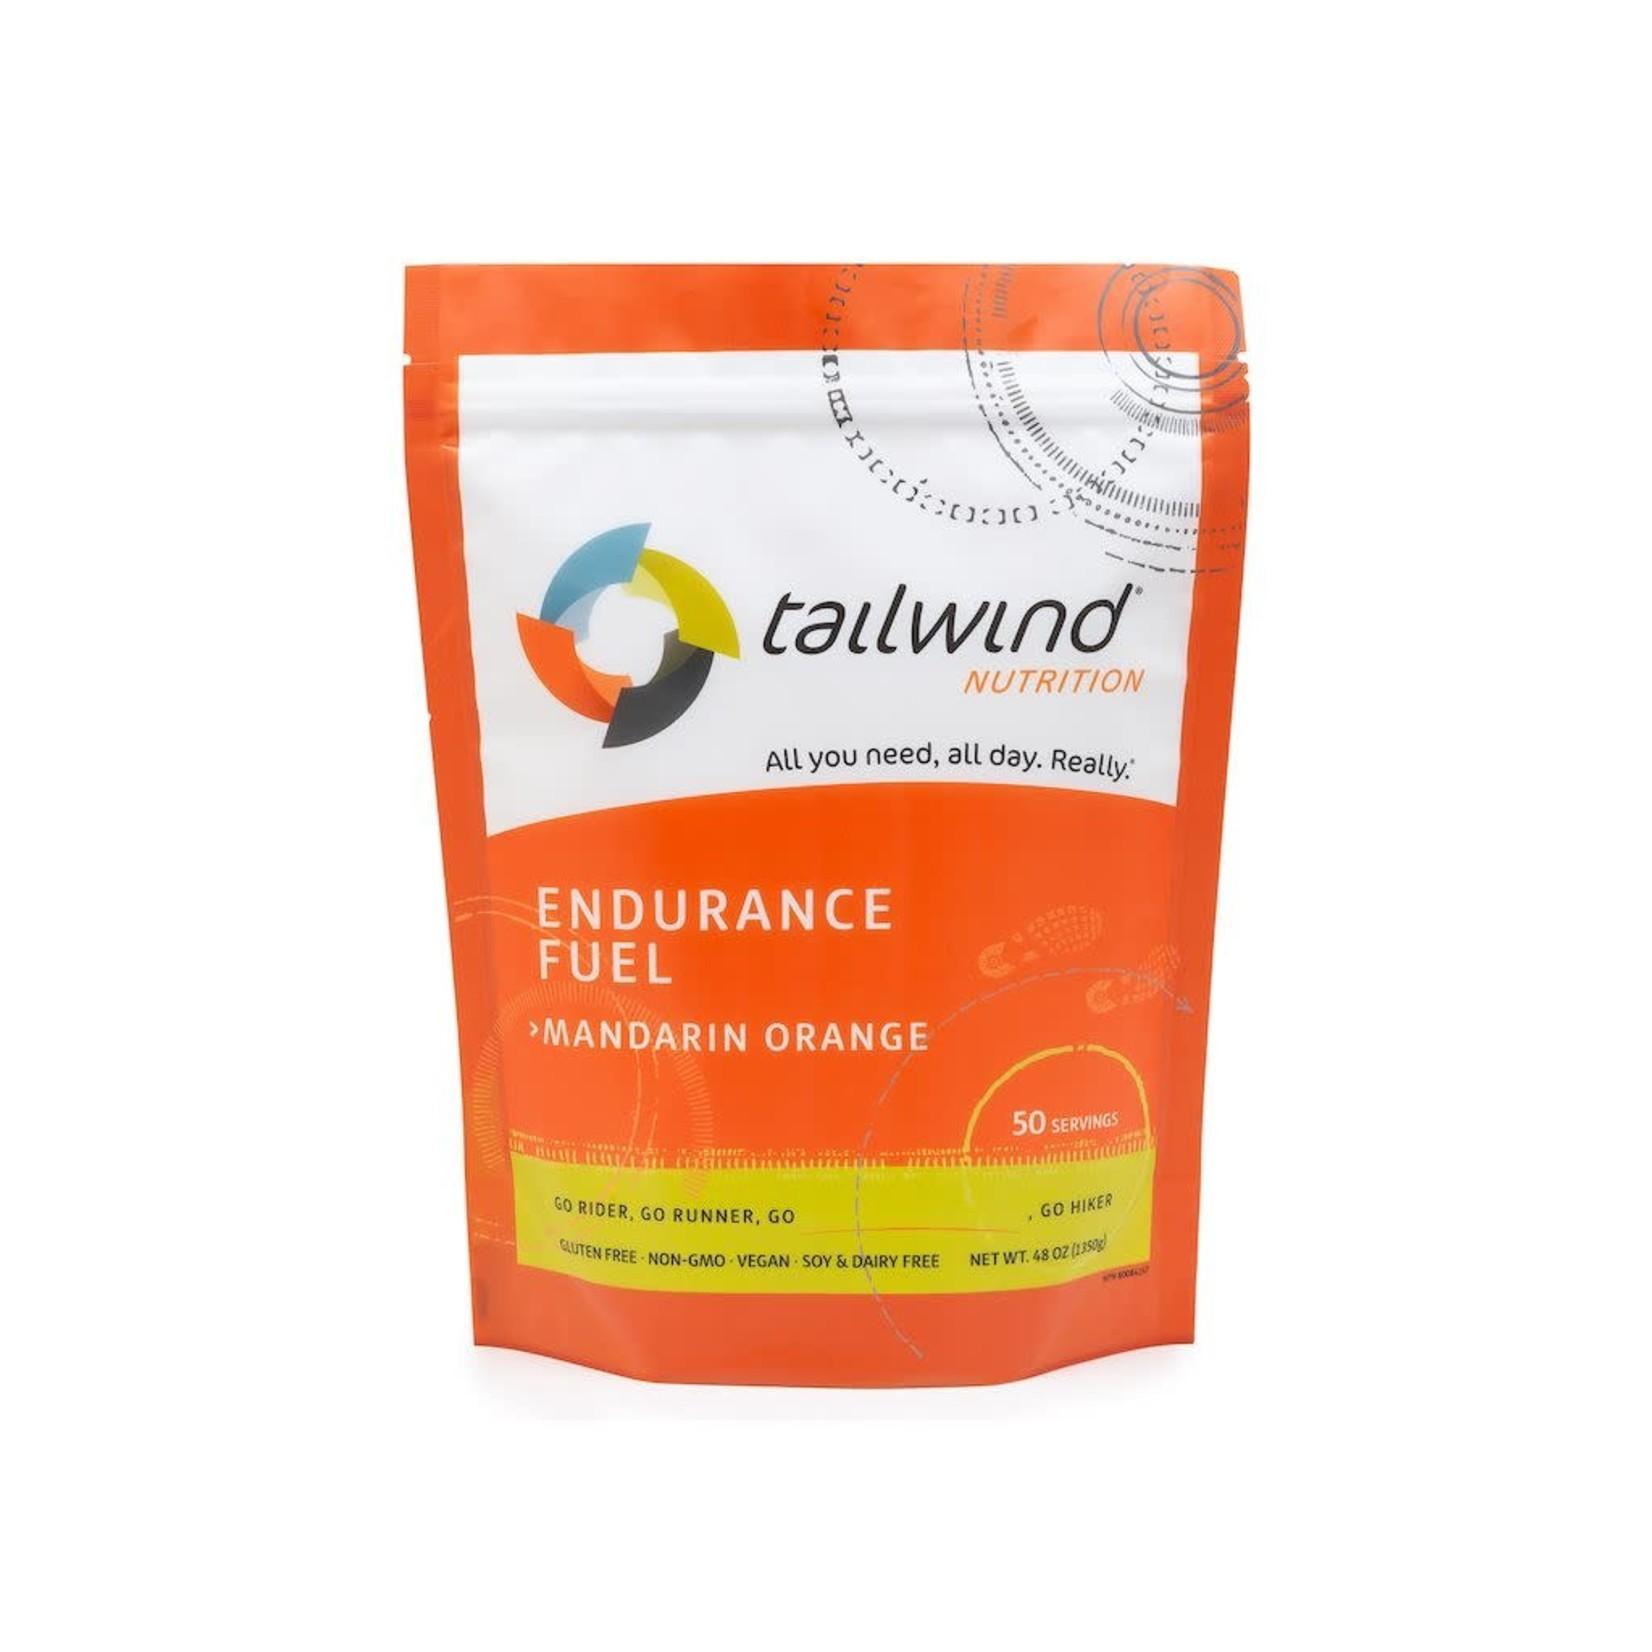 Tailwind Nutrition Endurance Fuel Tailwind Mandarin/Orange (50 servings)